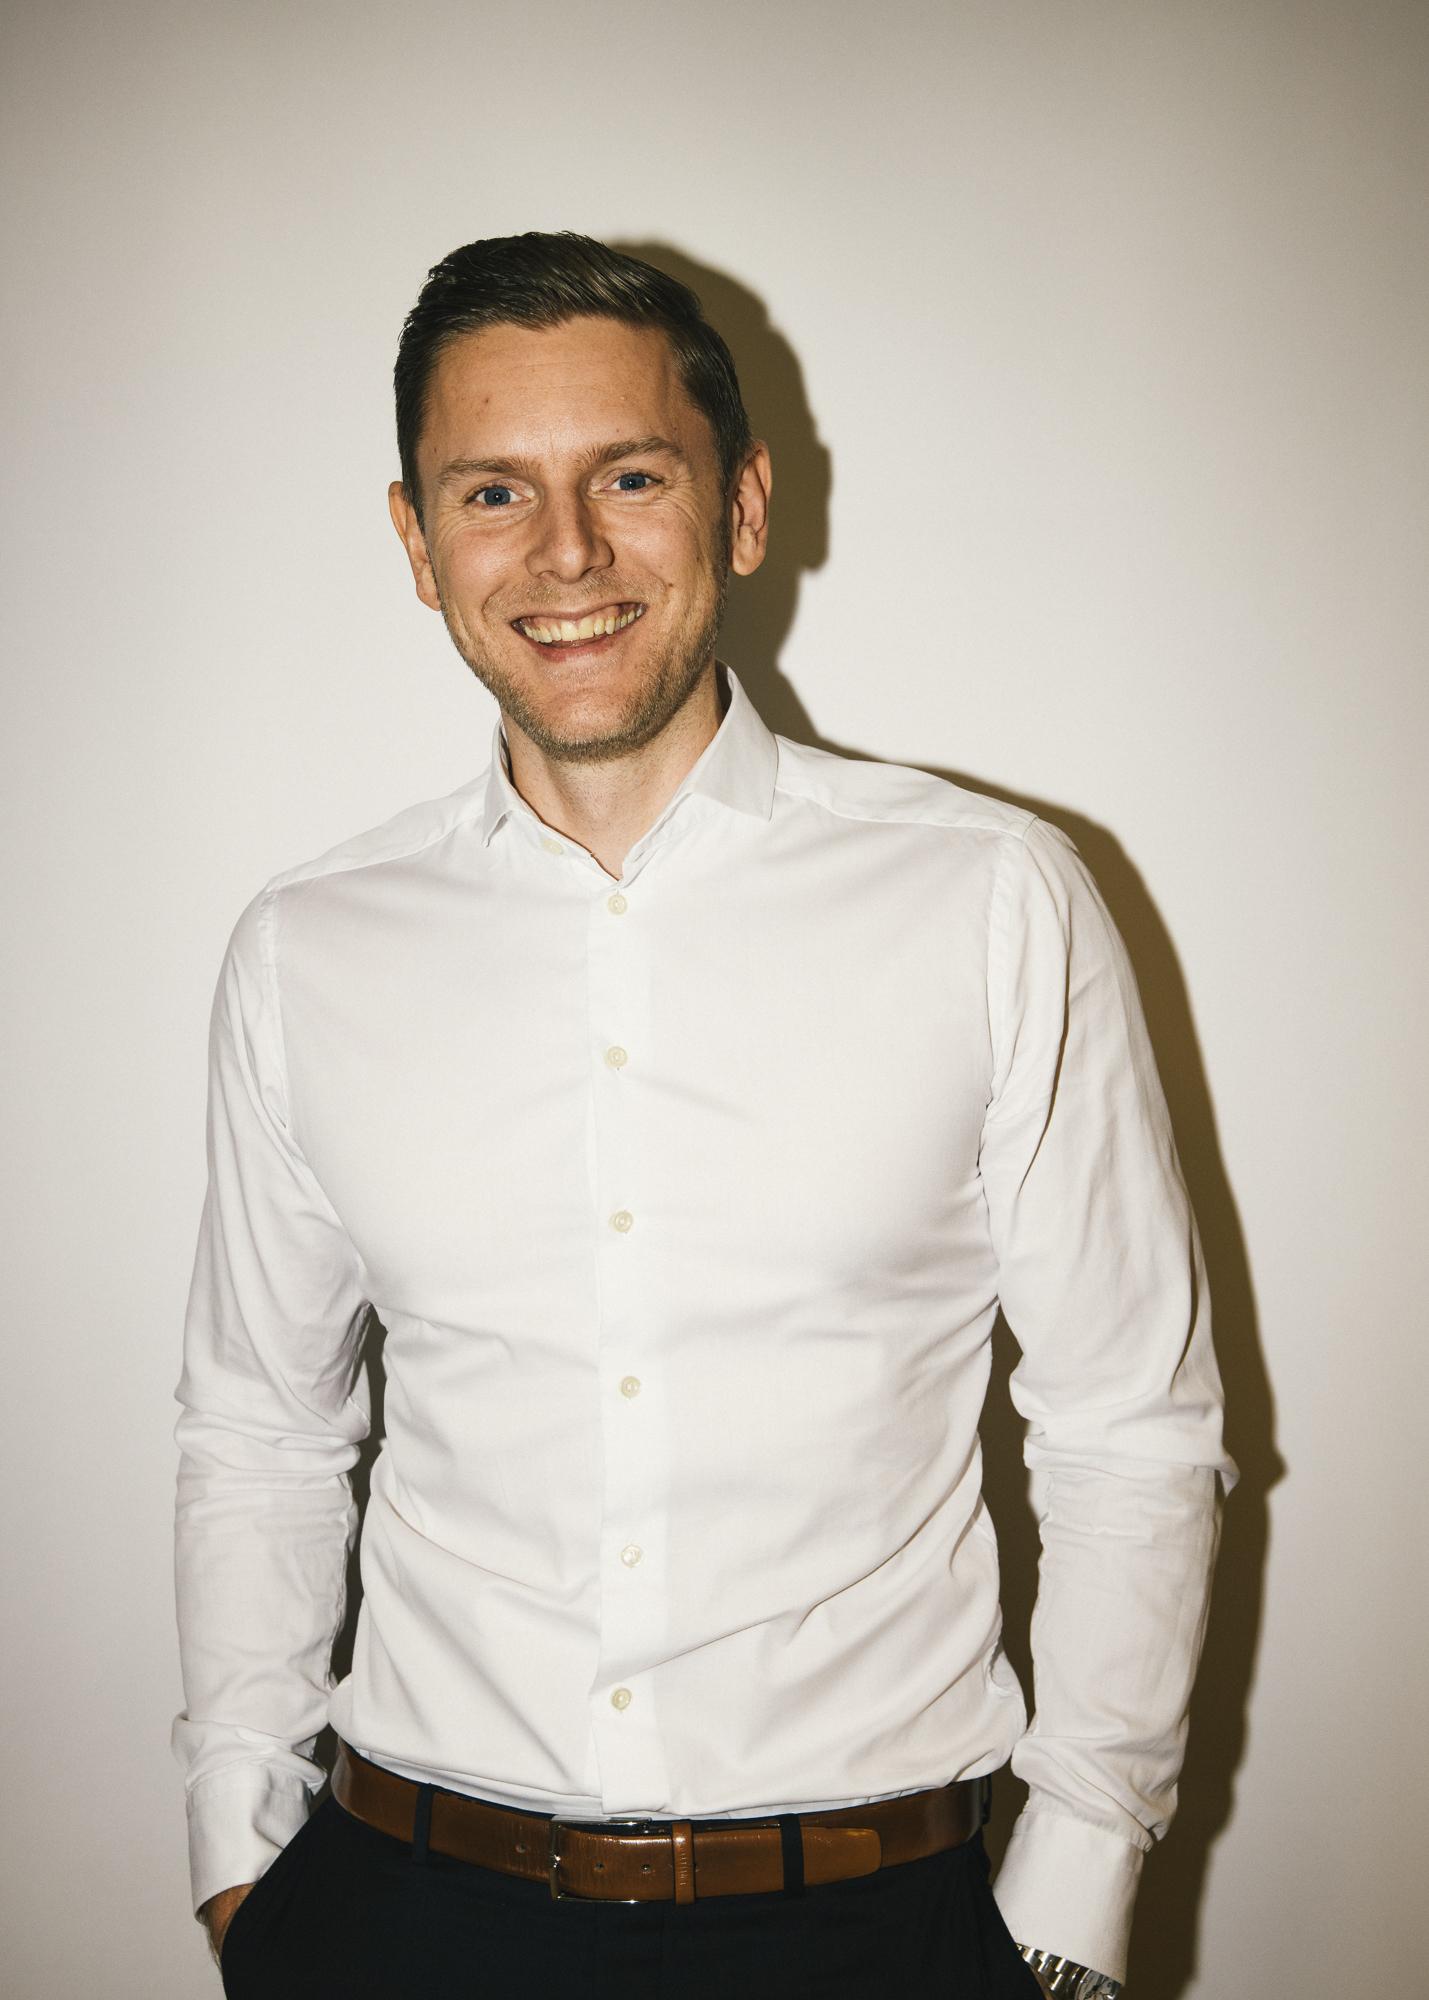 Christian Habbestad